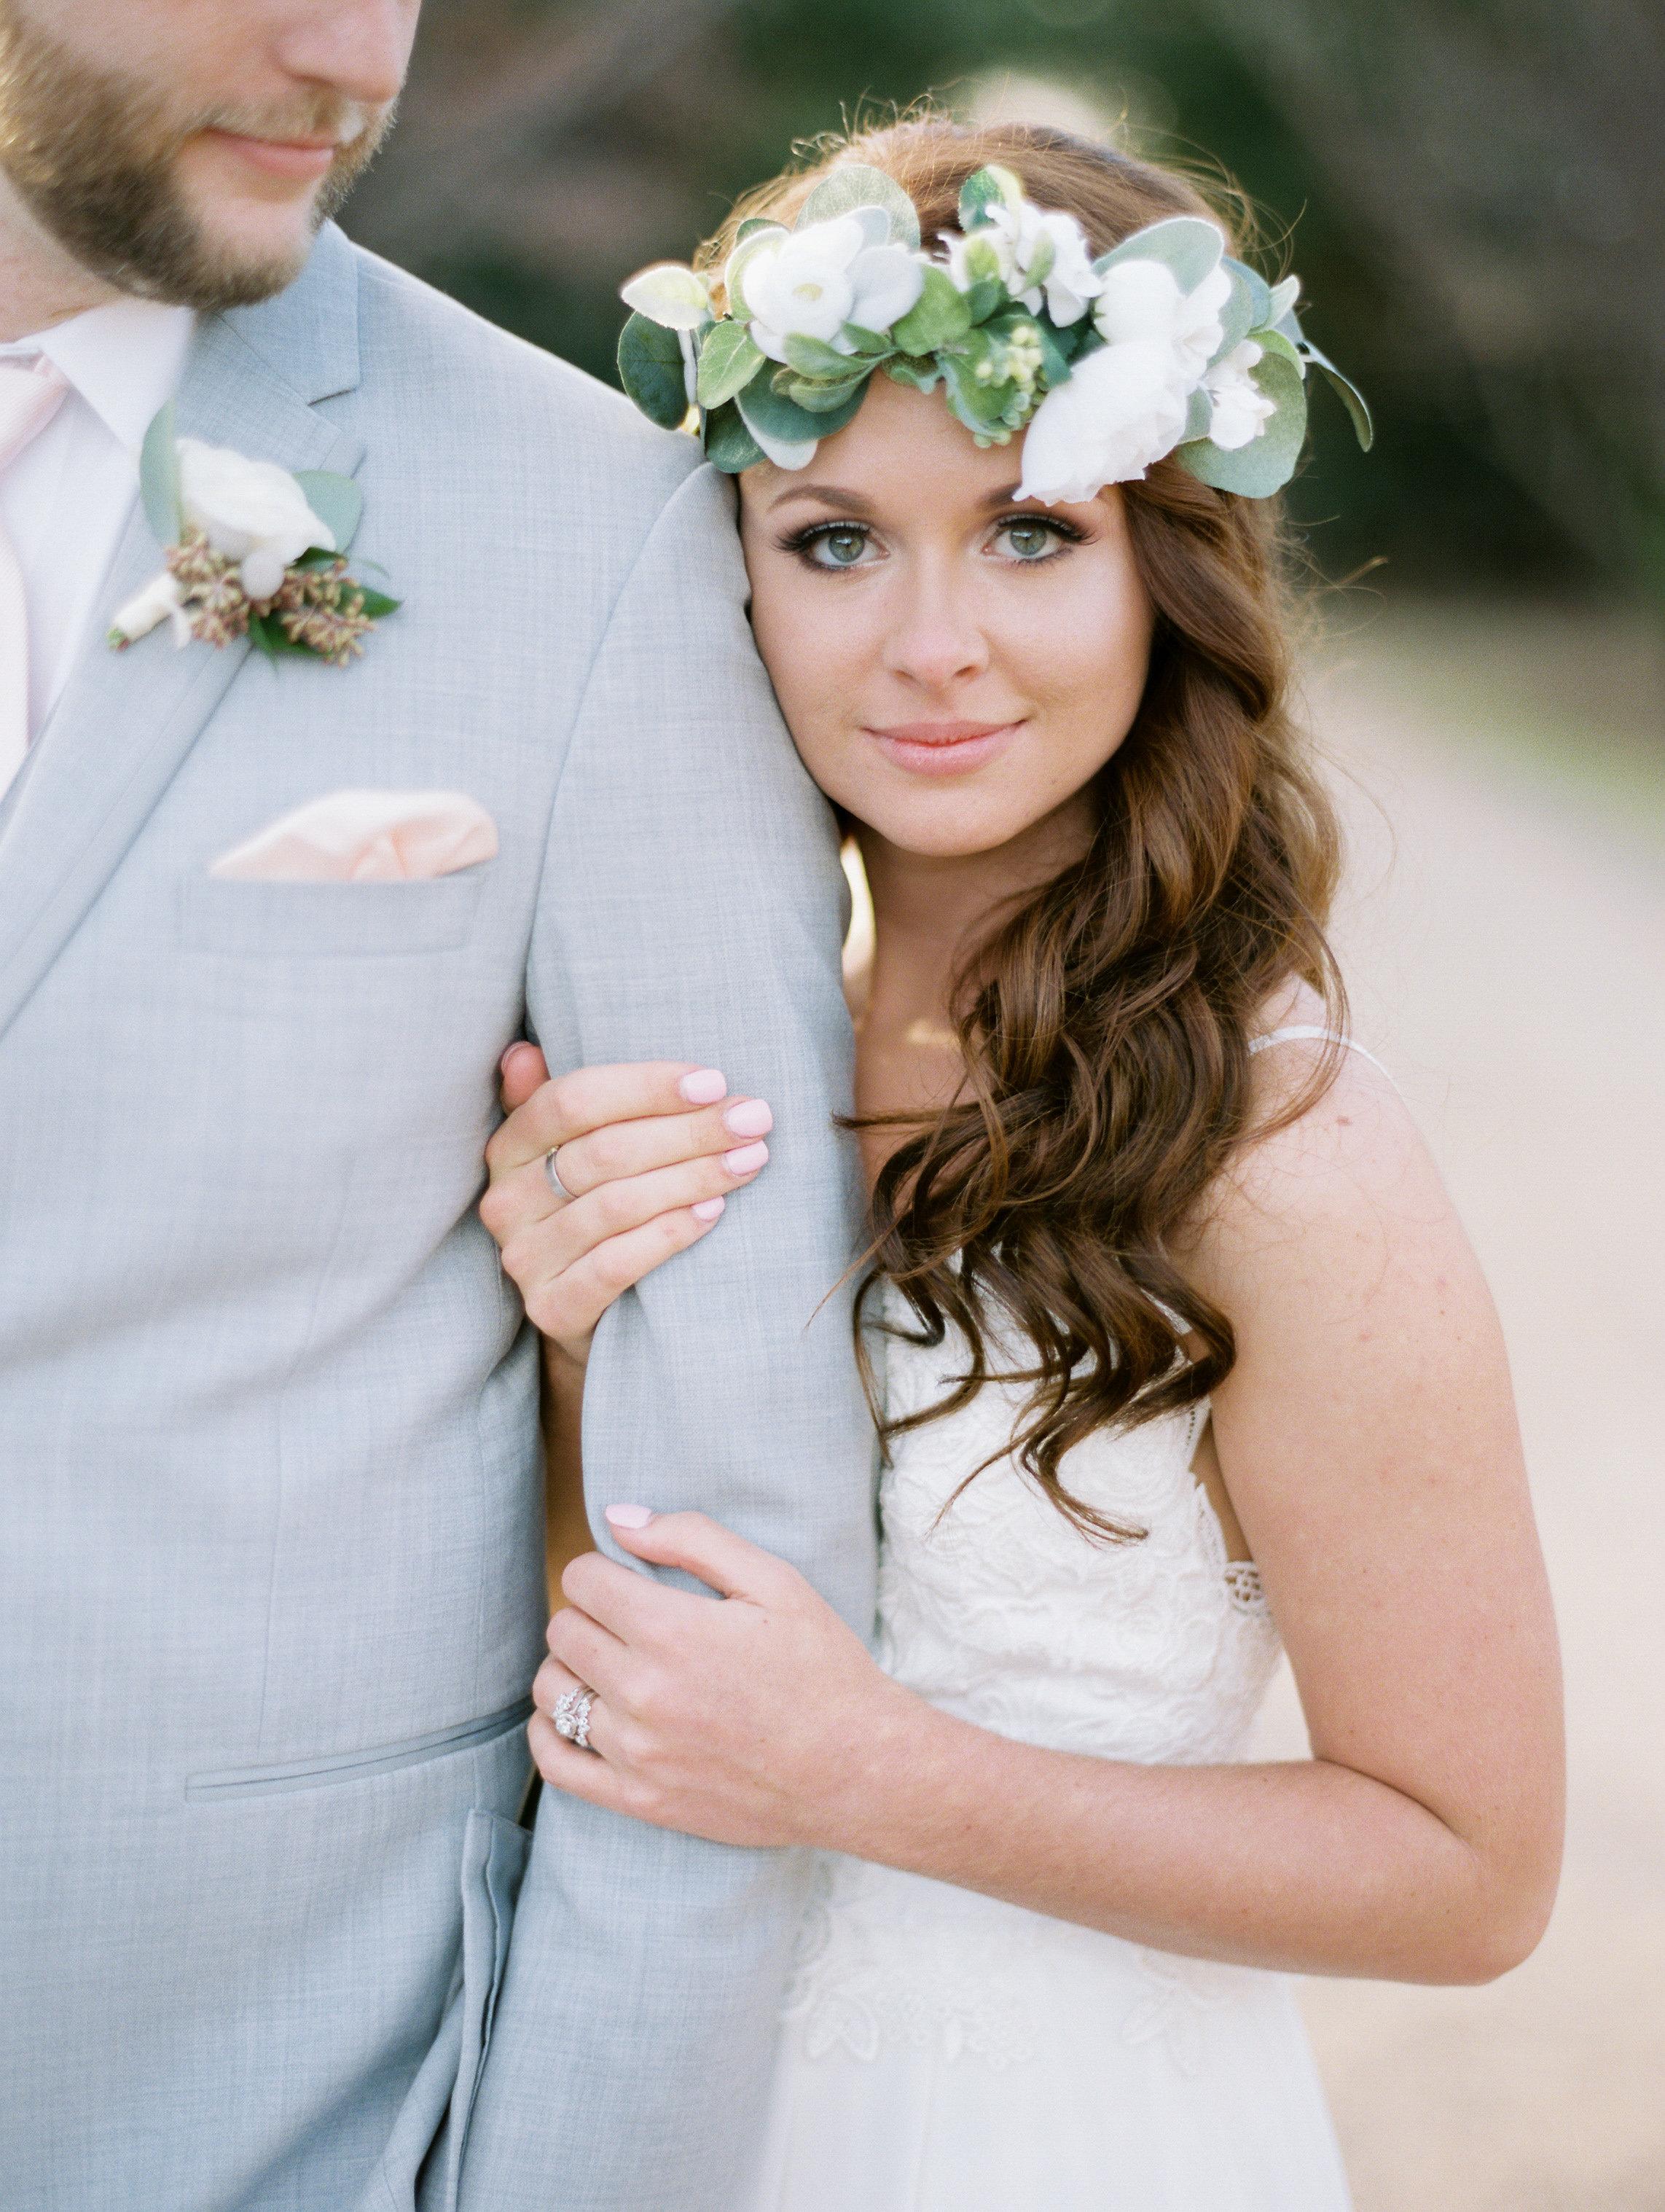 bridal4thewin_phxmakeup62.jpg